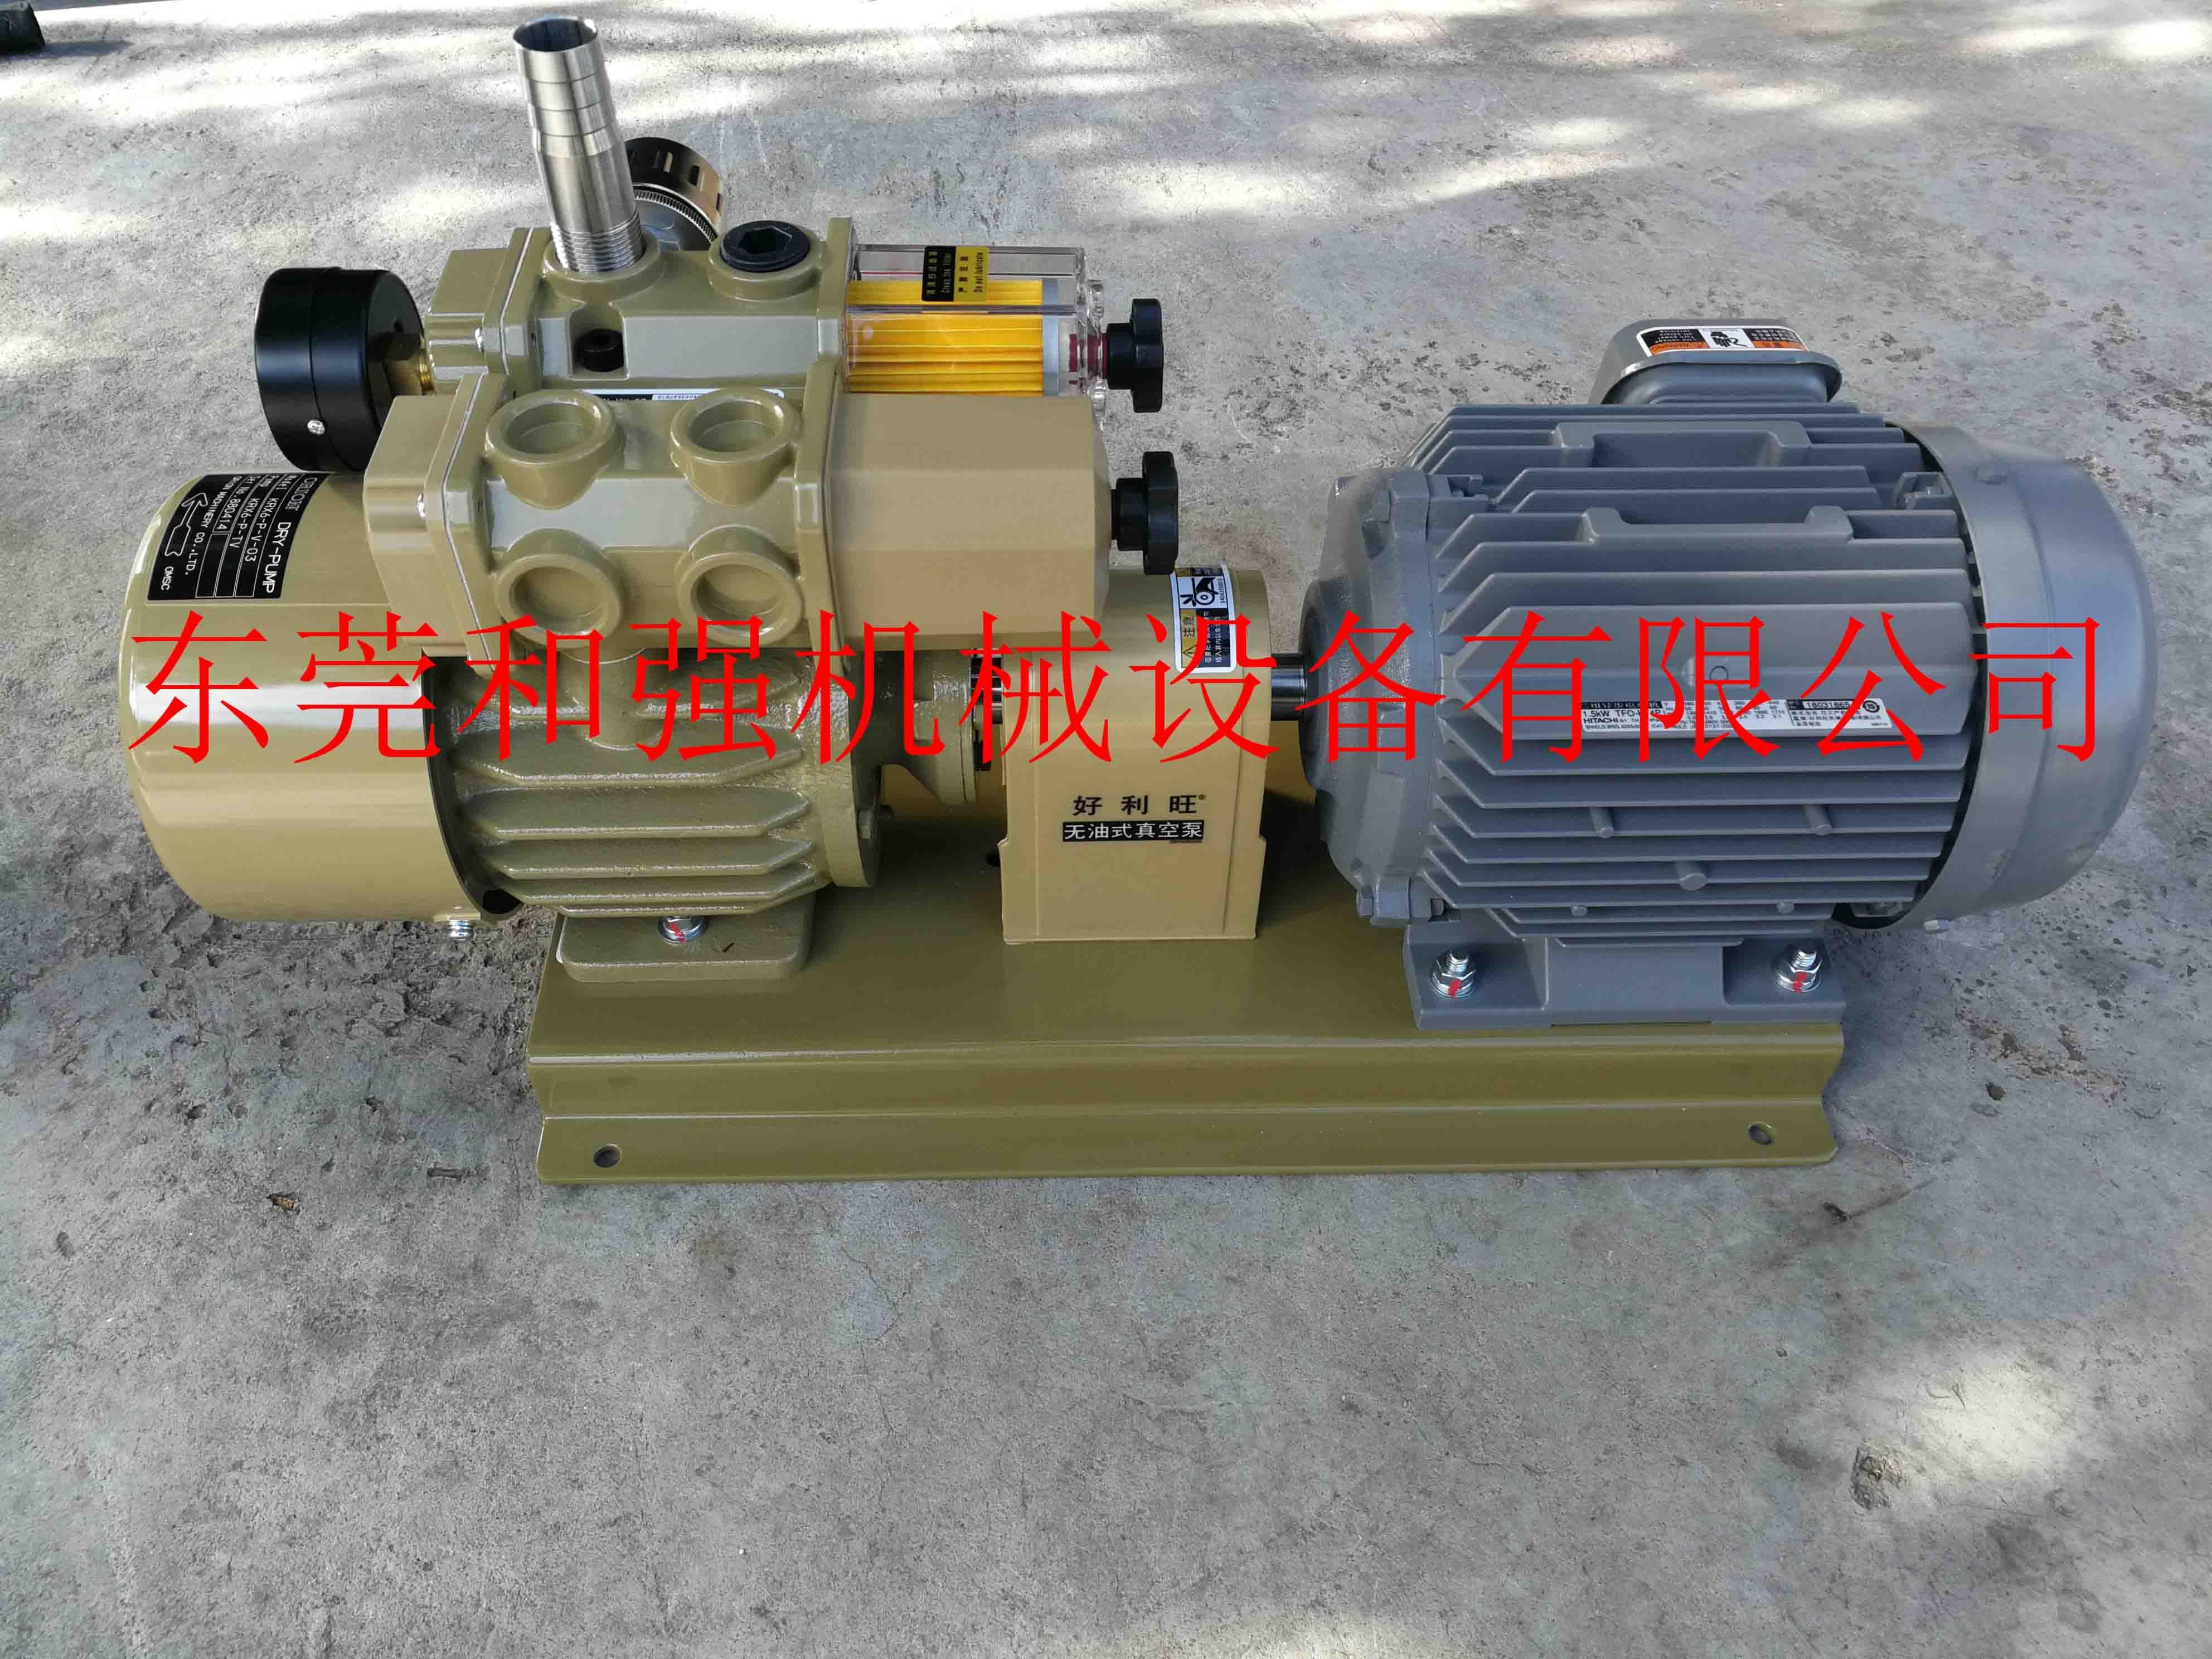 好利旺KRX6-P-VB-03真空泵印刷机无油泵检测包装风泵气泵LED分光机